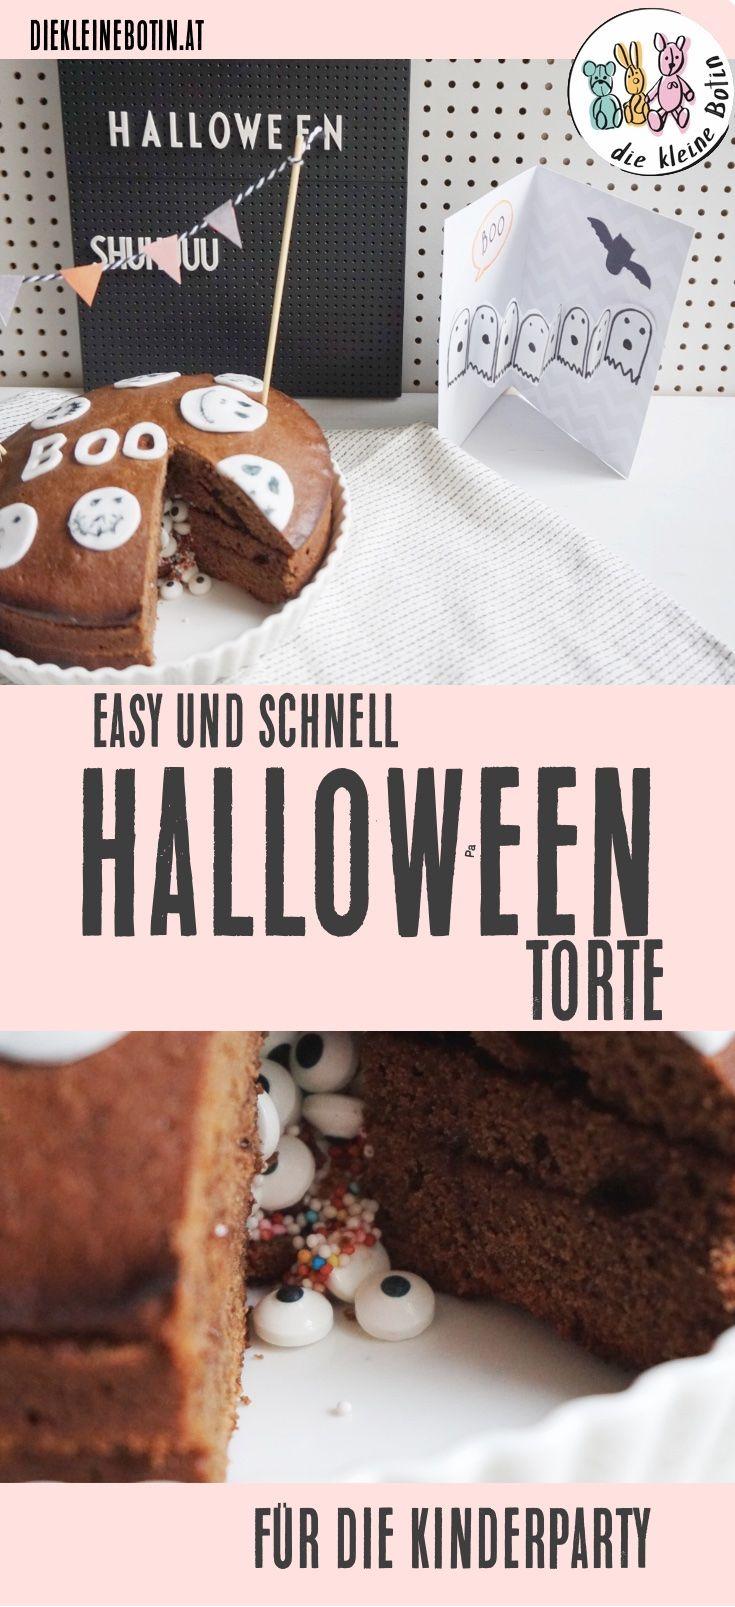 Halloween mit Kindern: Etwas gruselig darf es schon sein, aber vor allem zählt der Spaß DIY-Karten mit Geister und die coolste Pinata-Torte1  Einfach und schnell gemacht, ist sie der Star auf jeder Halloween-Party  #halloween